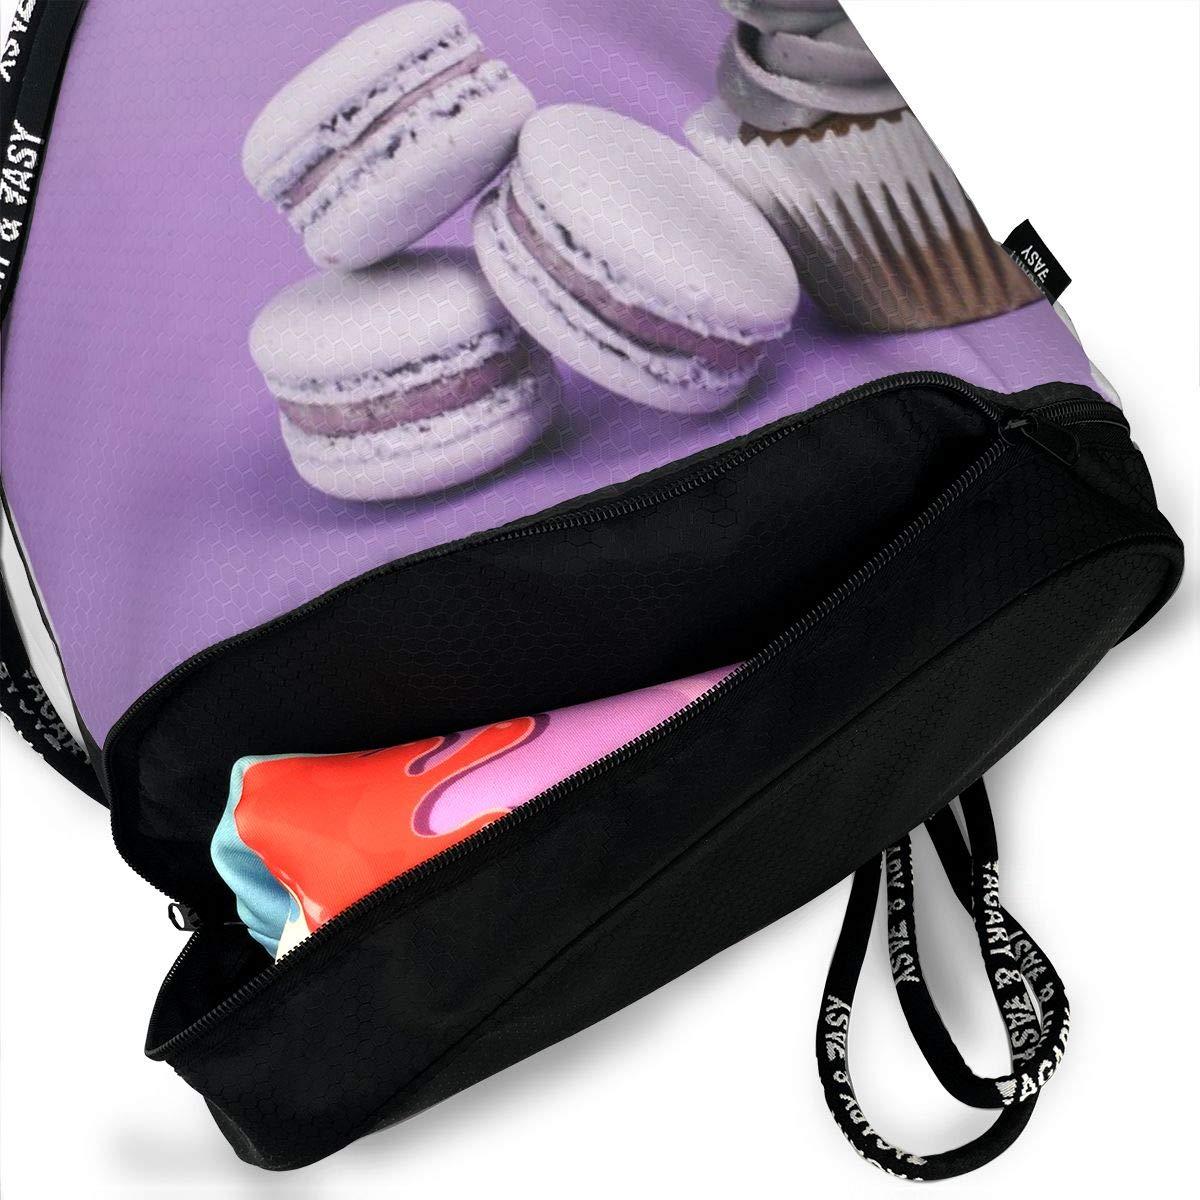 Candles Cupcake Purple Macaron Fairy Cake Drawstring Bag Multipurpose Bundle Dance Bag Sack Pack